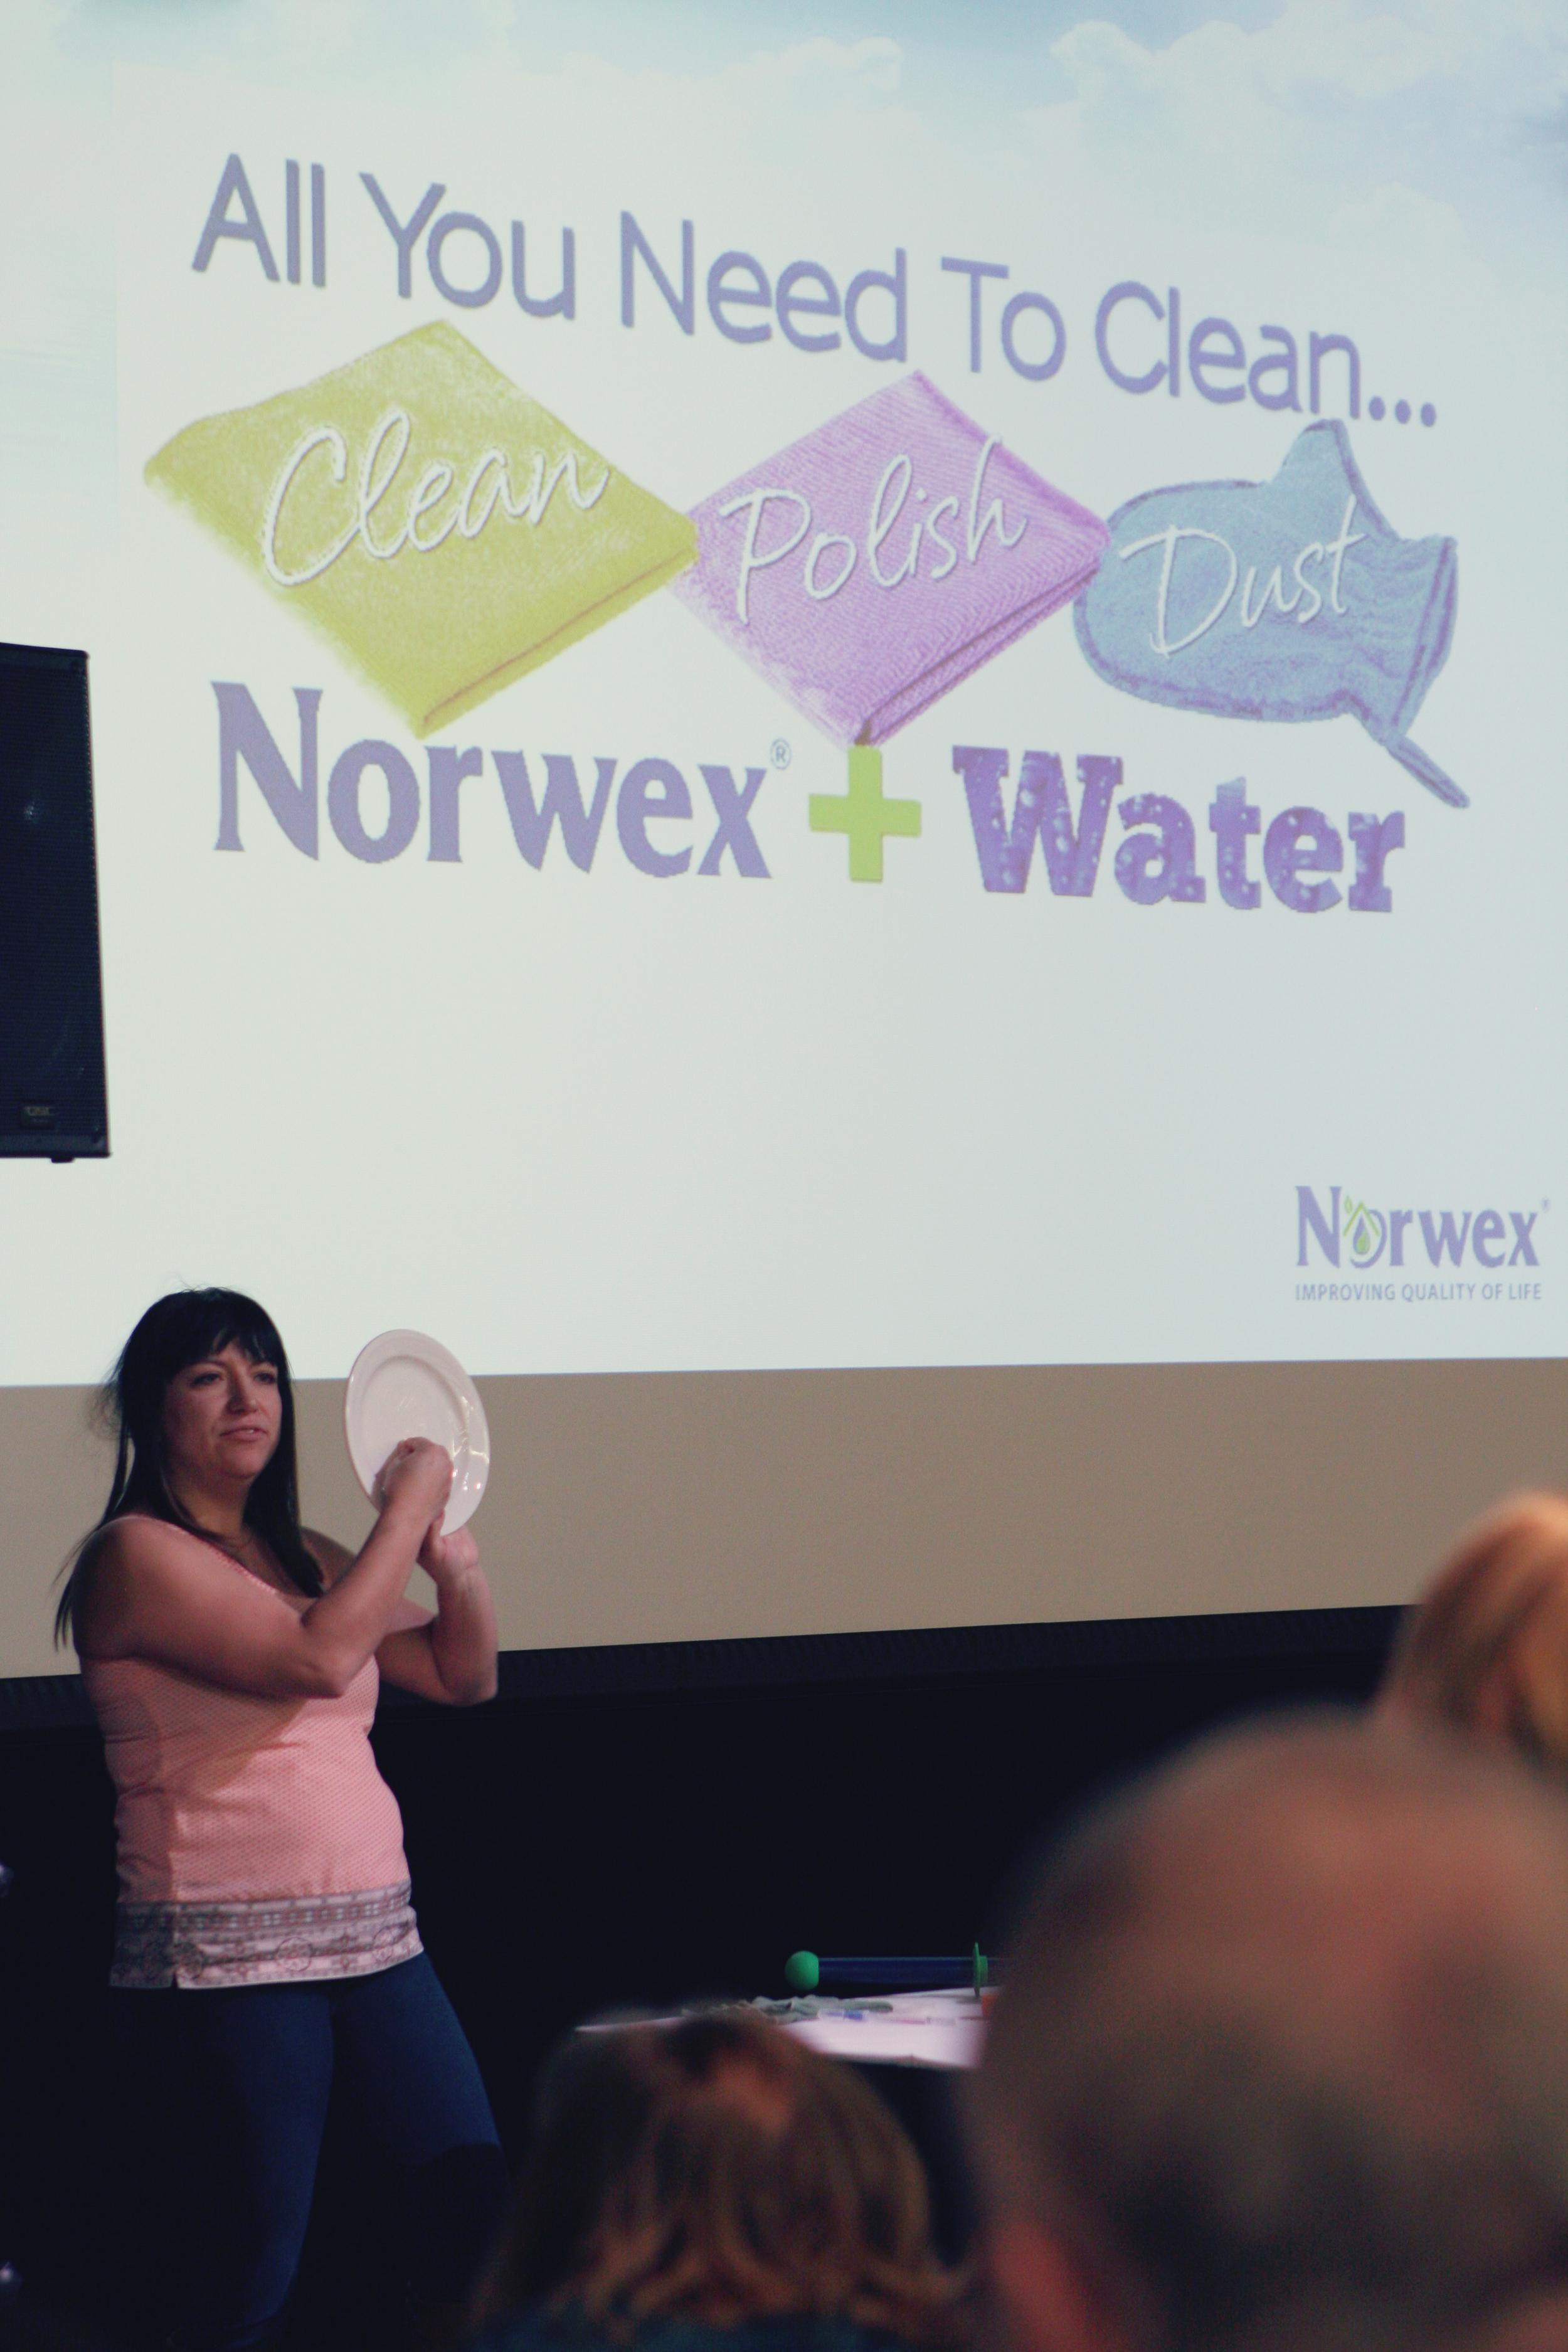 norwex 3.jpg